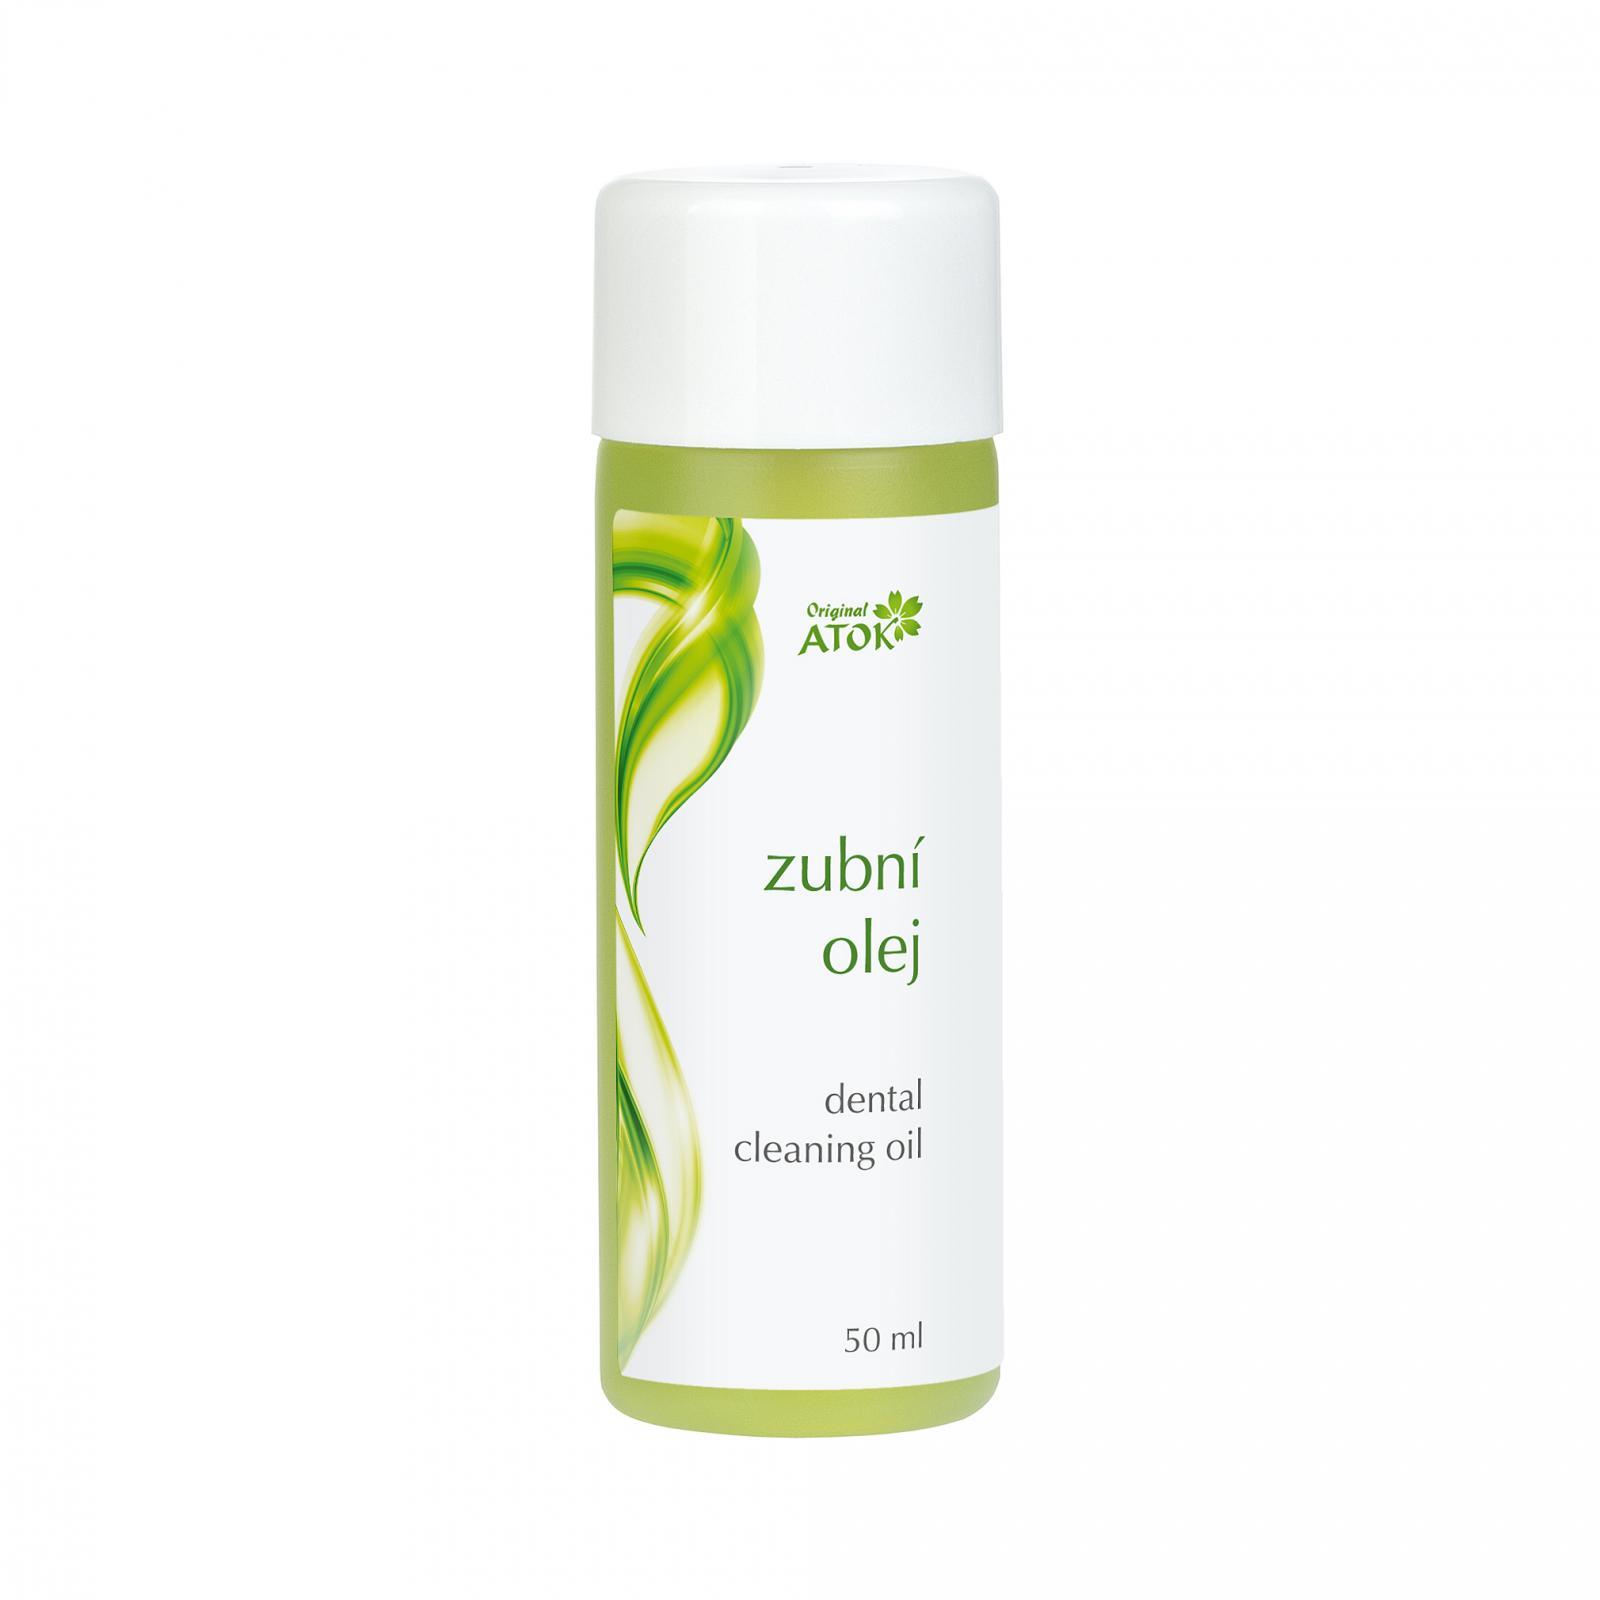 Original ATOK Zubní olej 50 ml